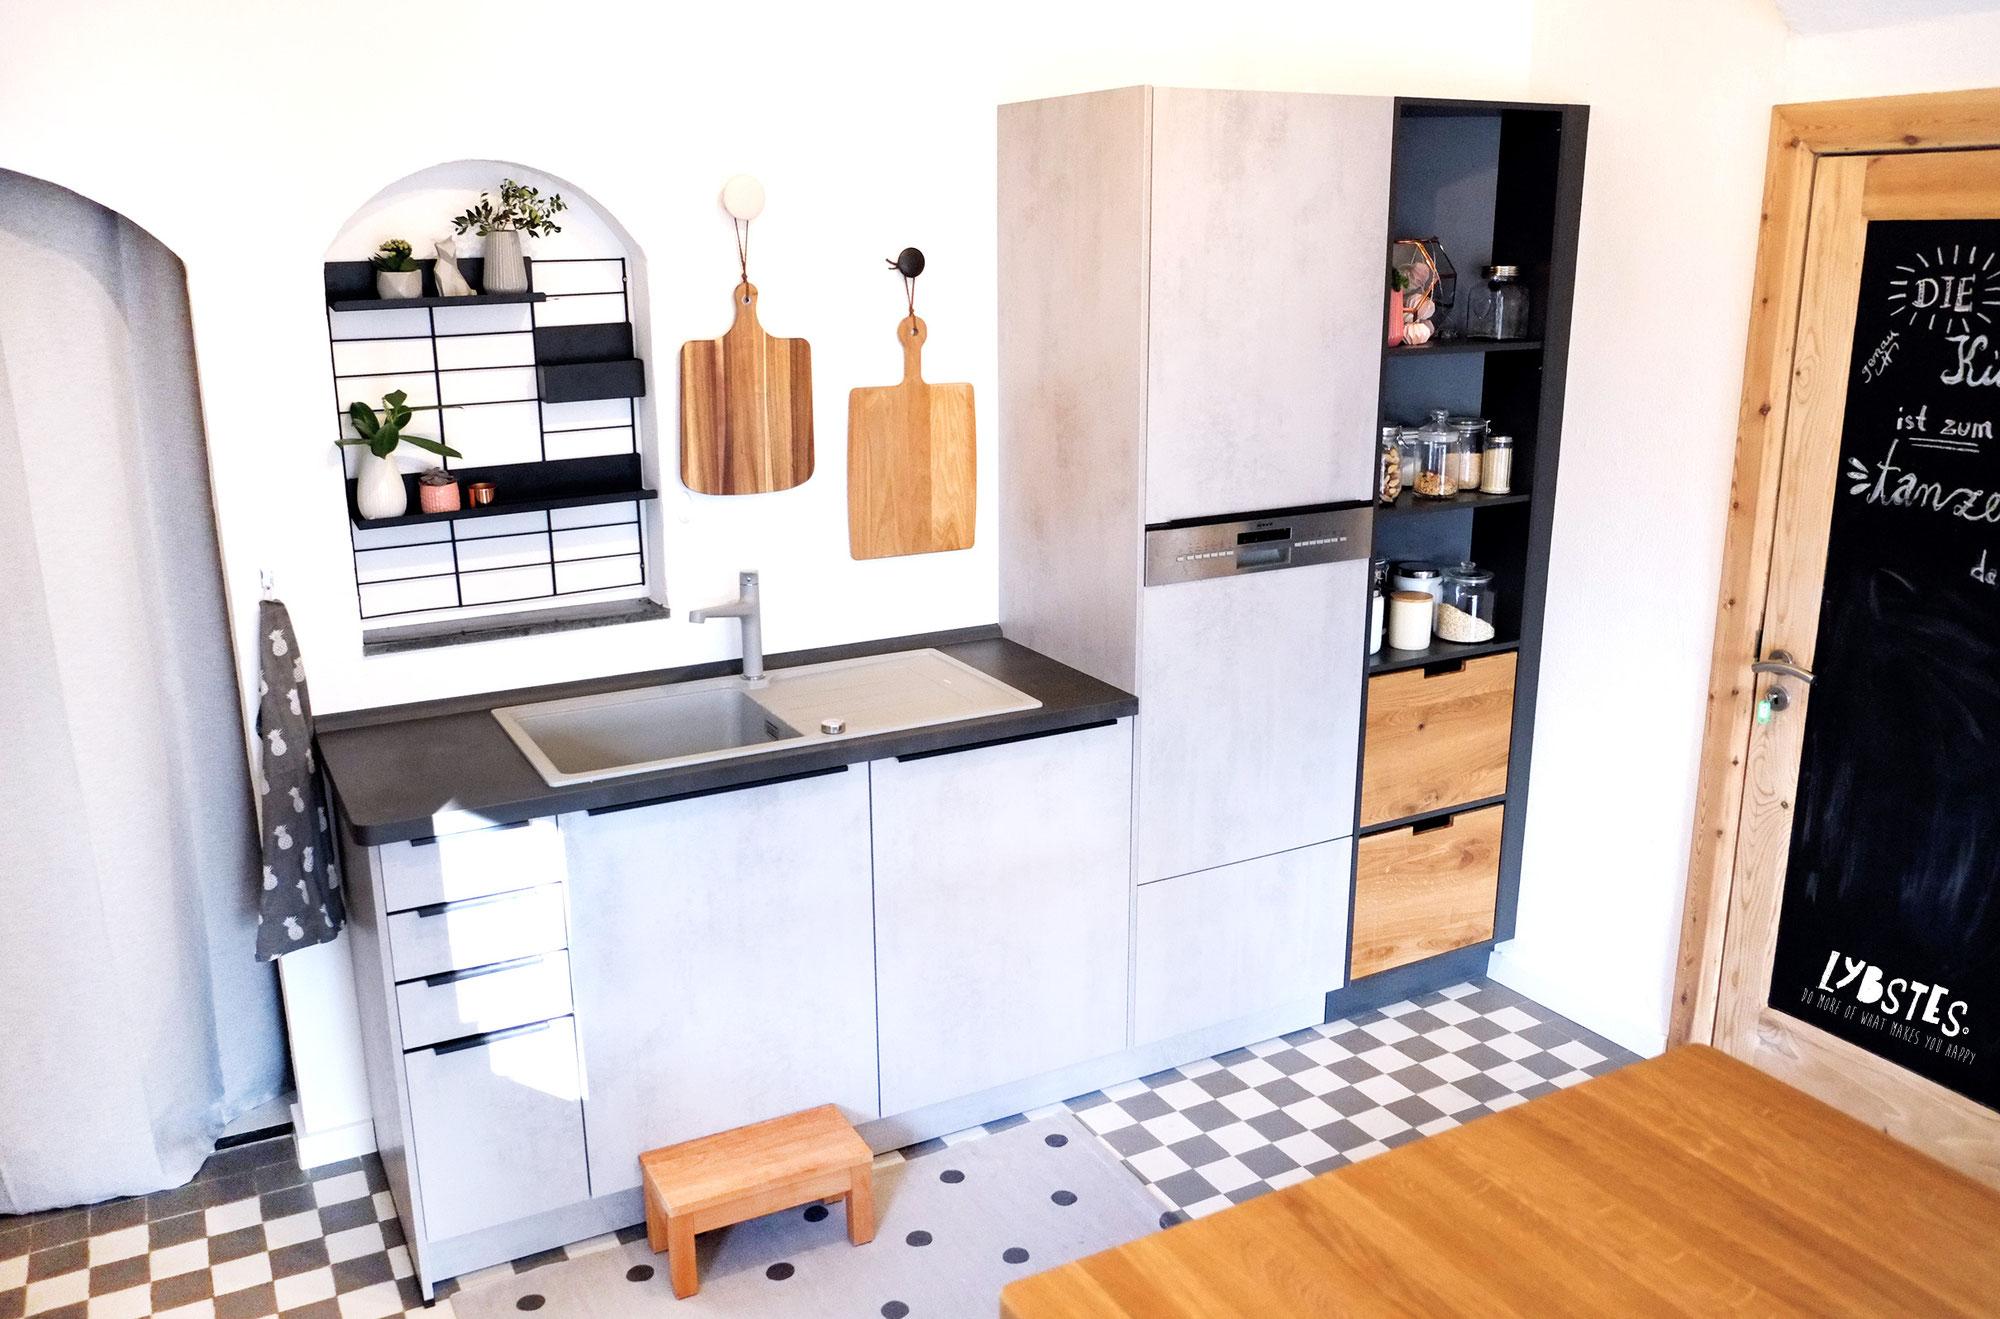 Unser Haus: Planung und Umbau der Küche